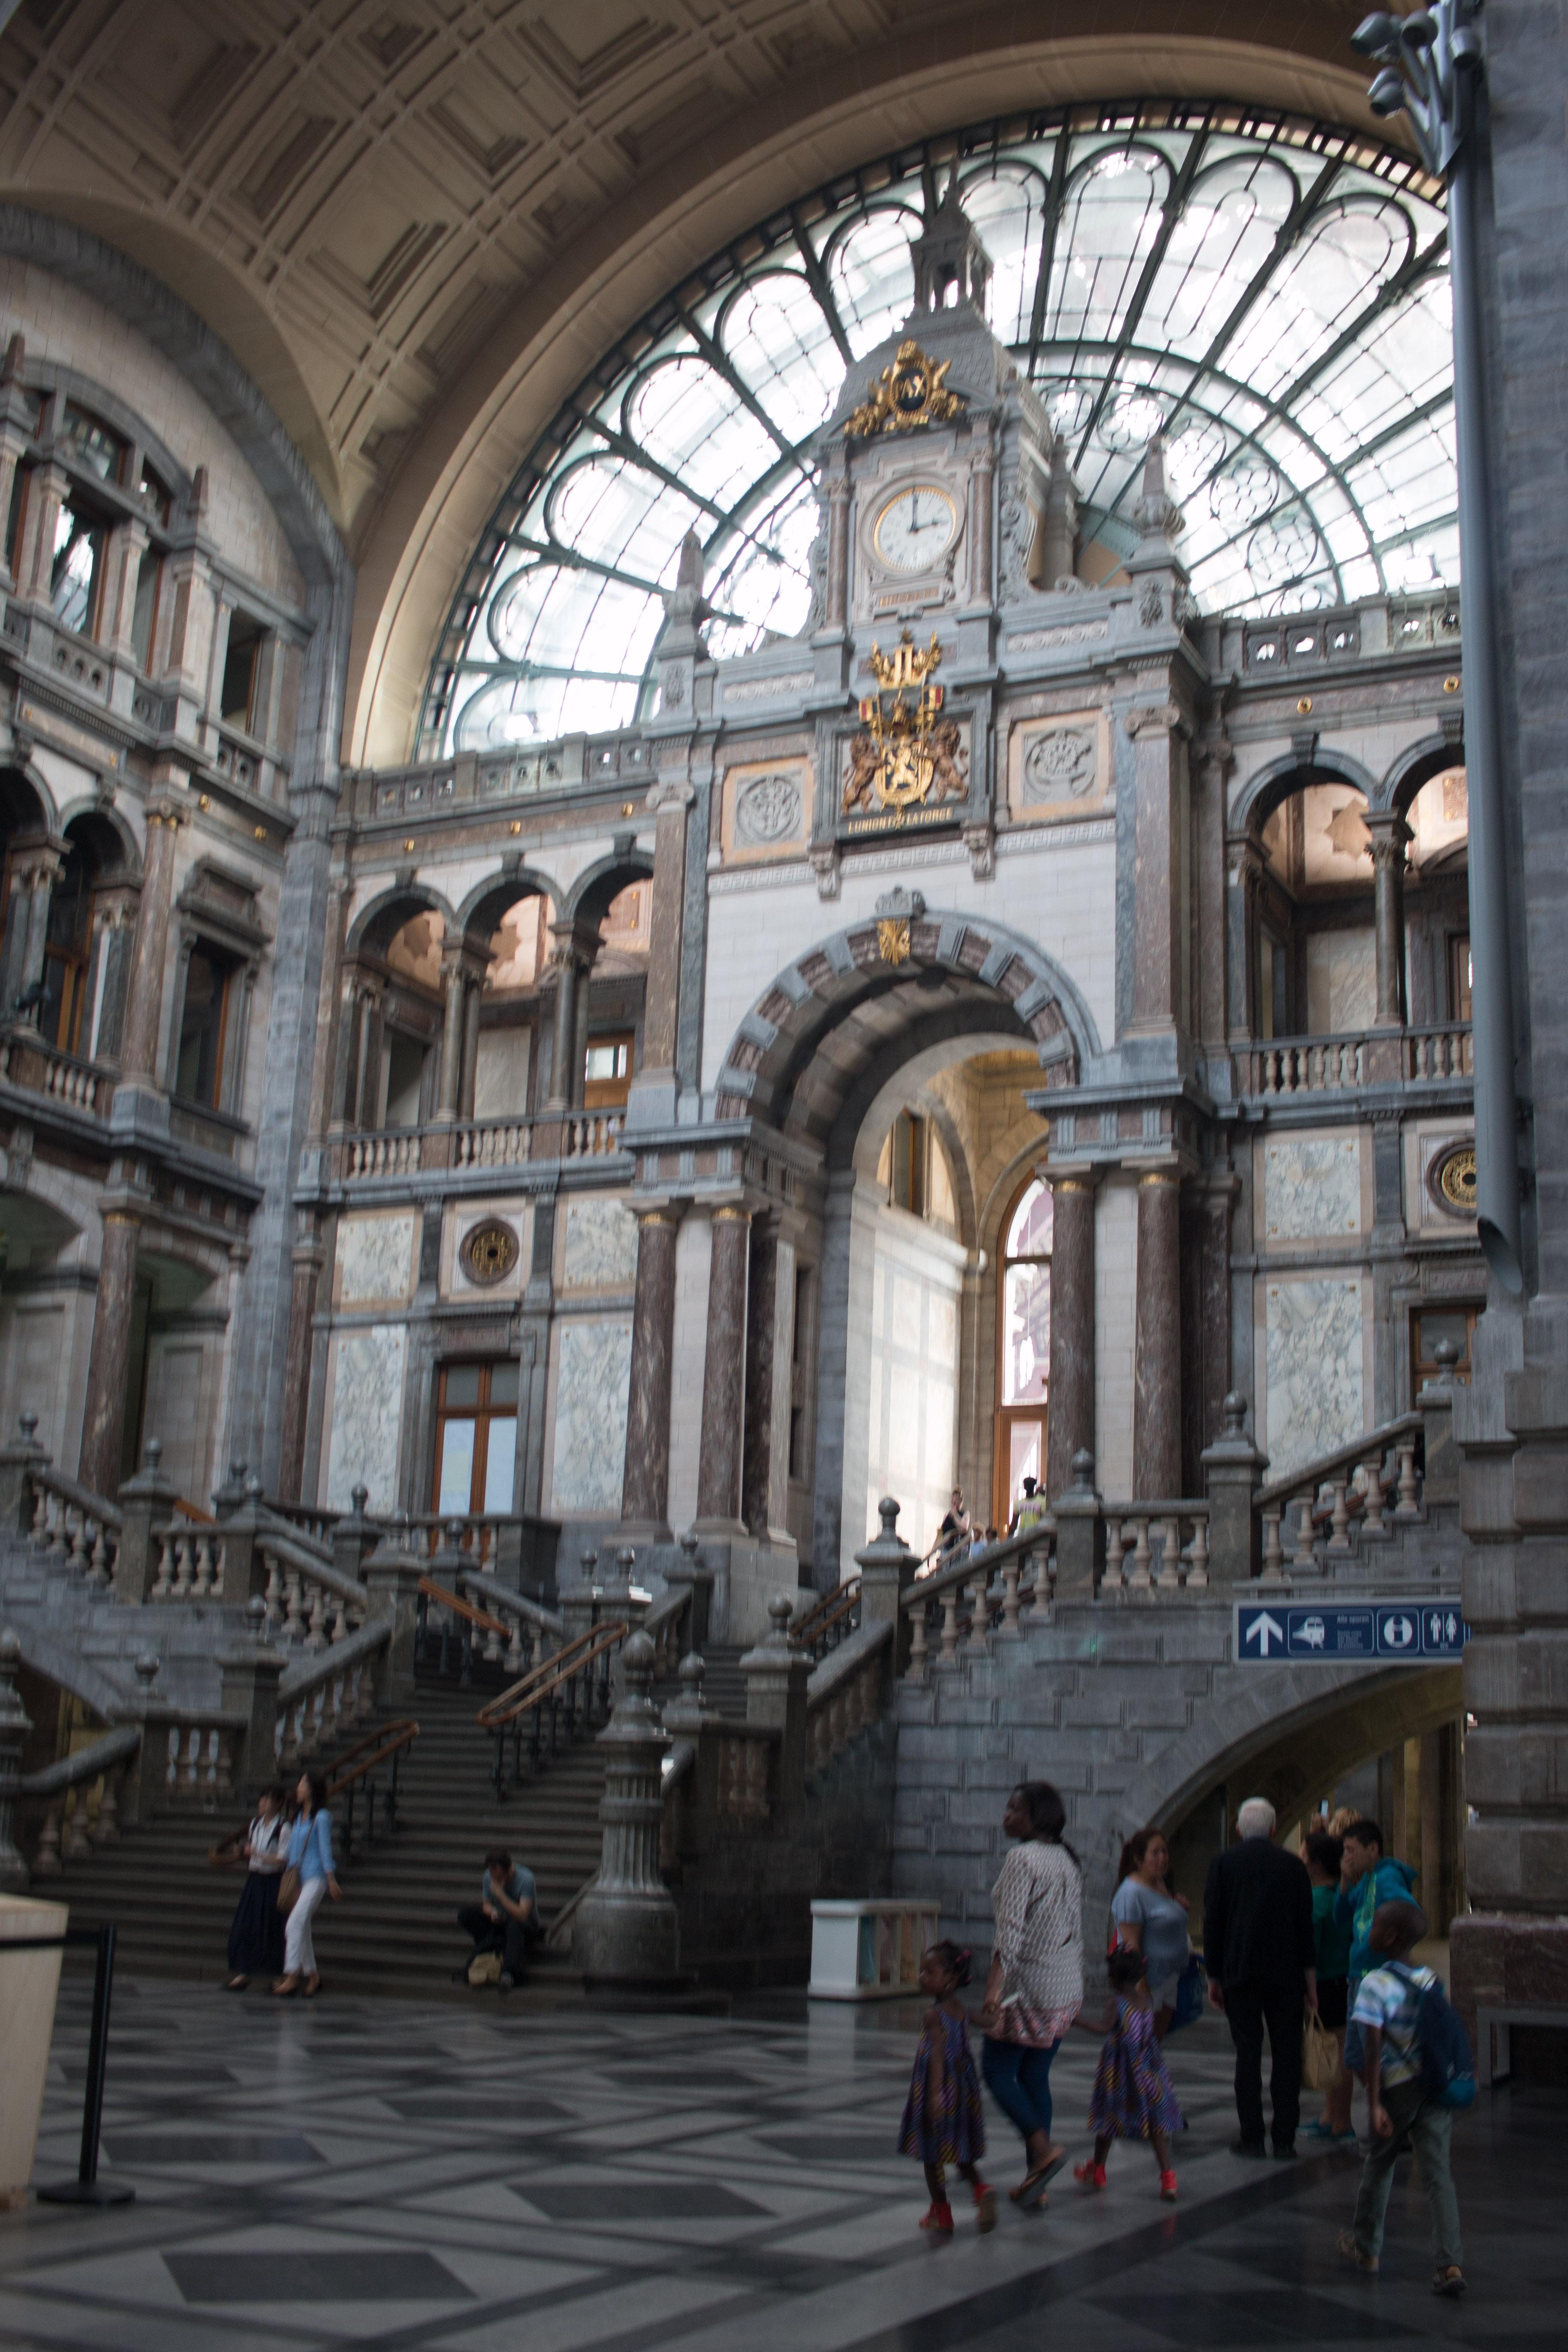 Antwerpen Hauotbahnhof